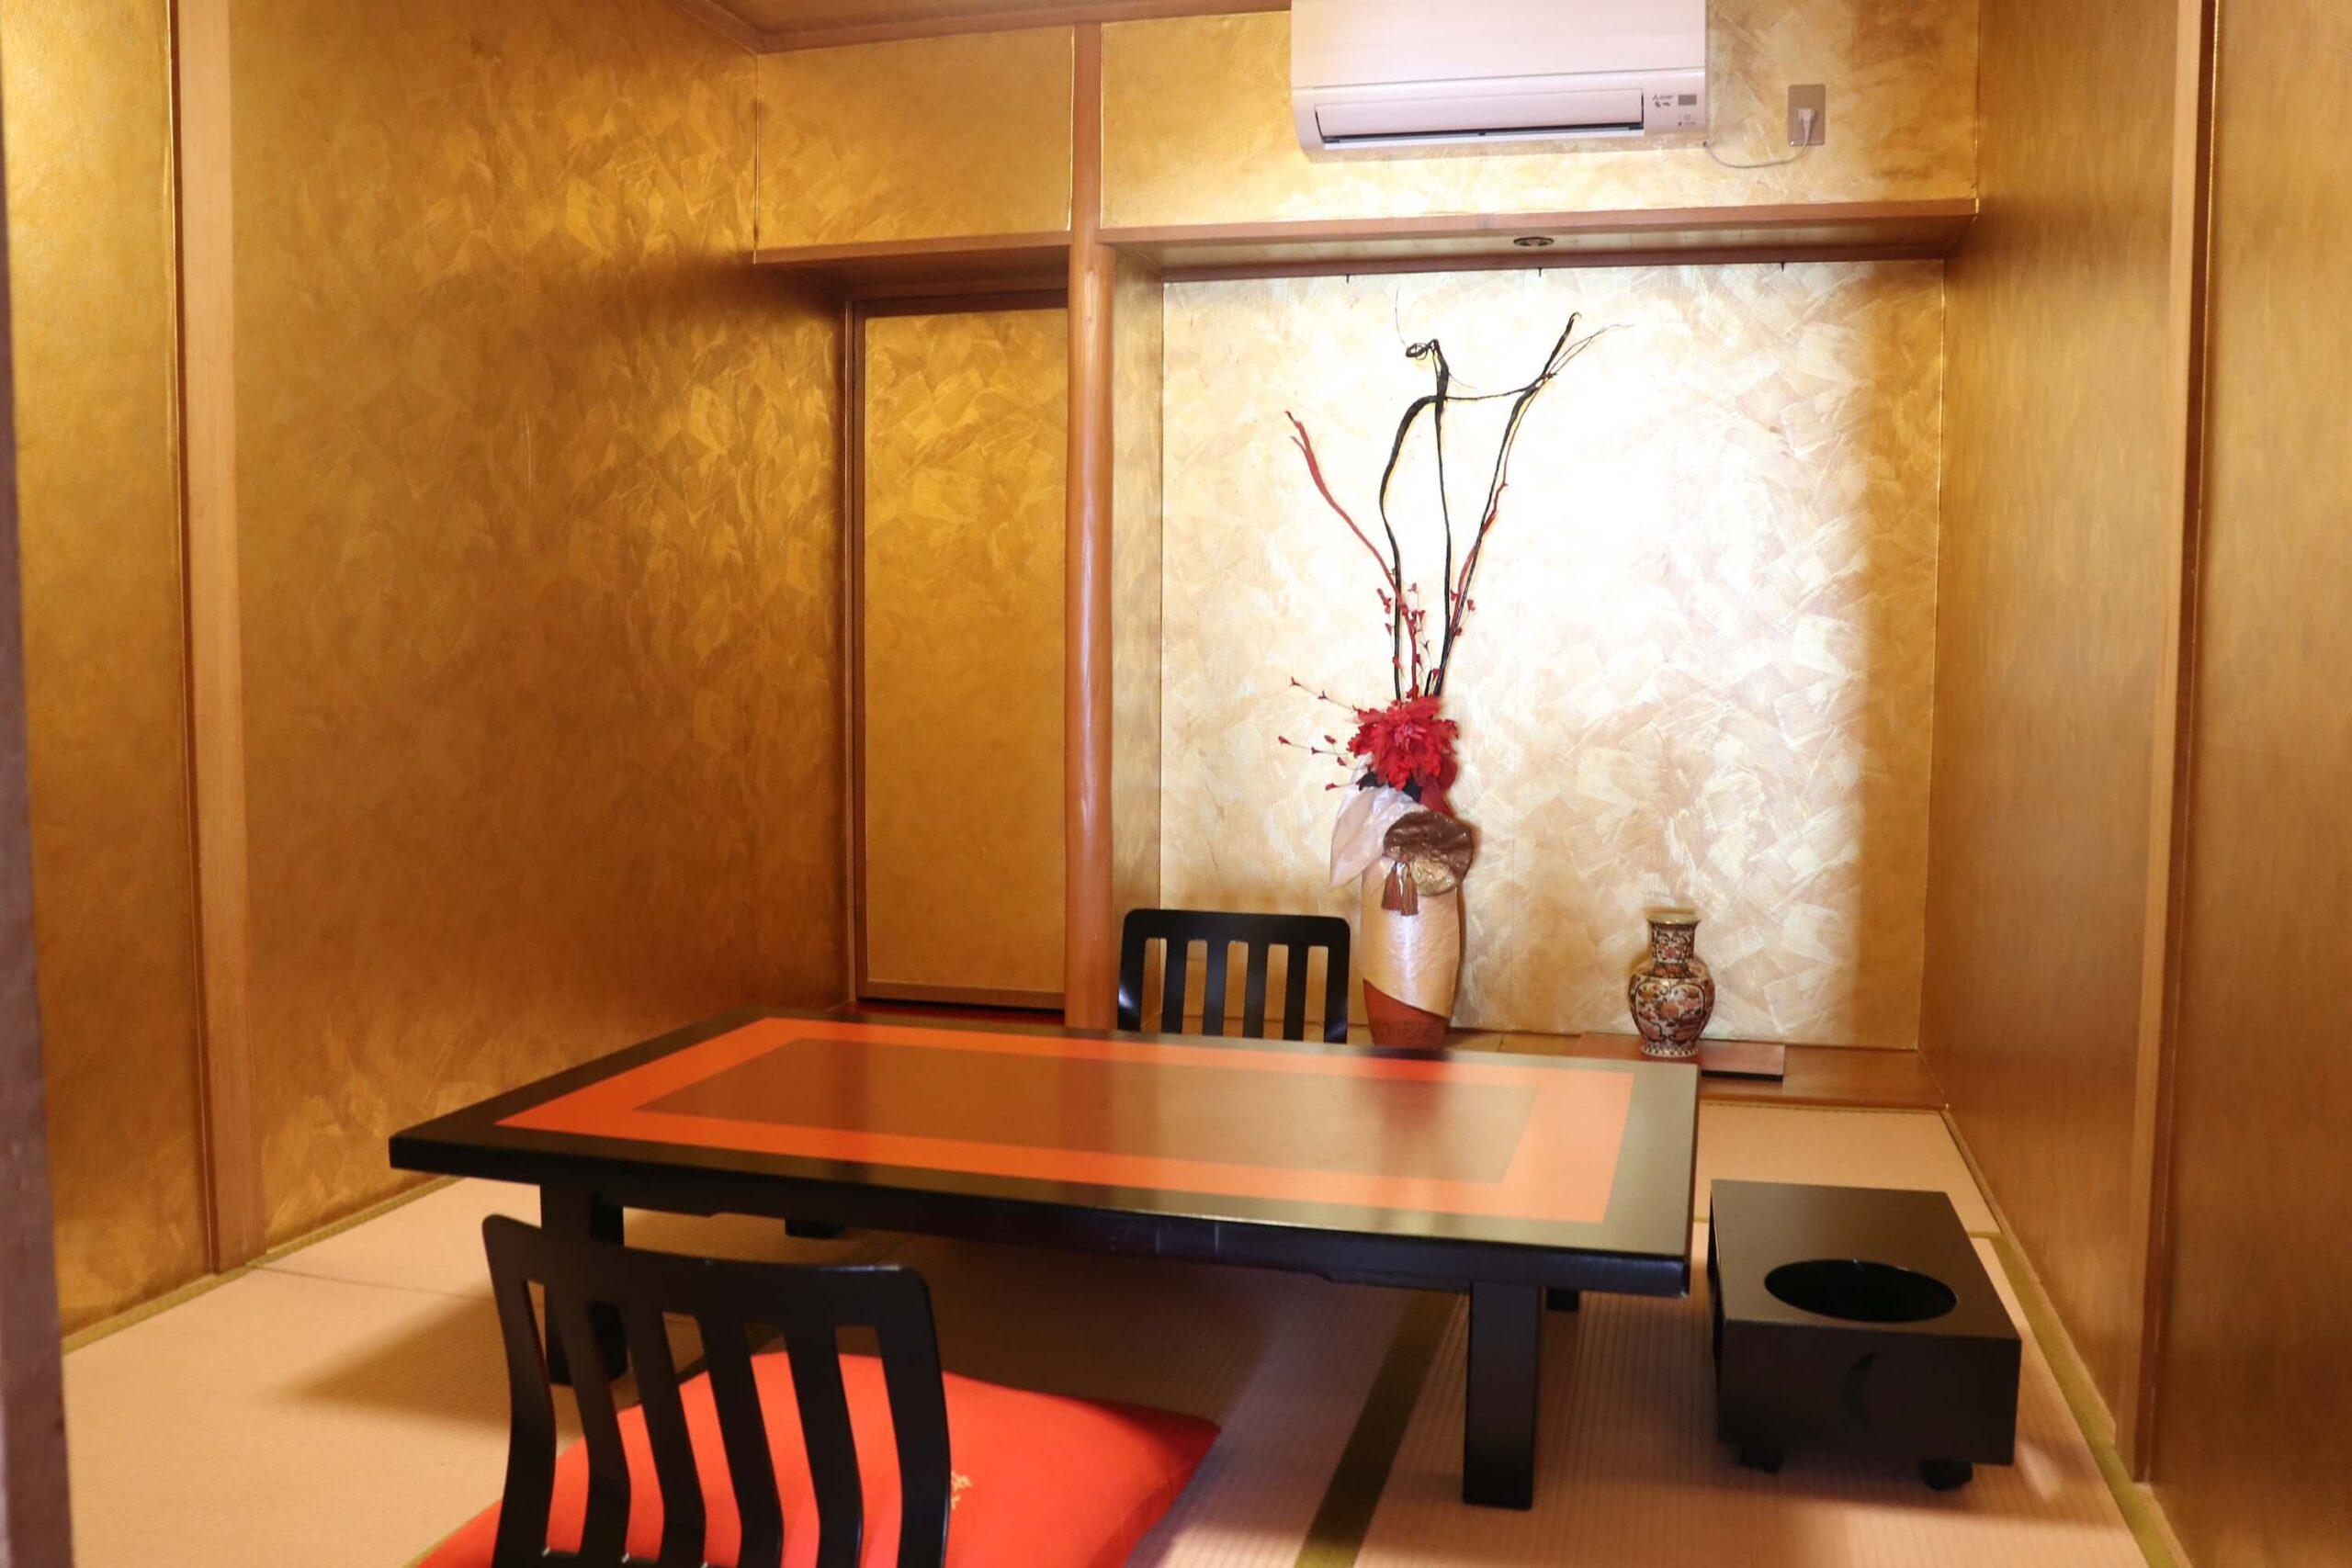 粋松亭やさしさに包まれて客室の金色の部屋